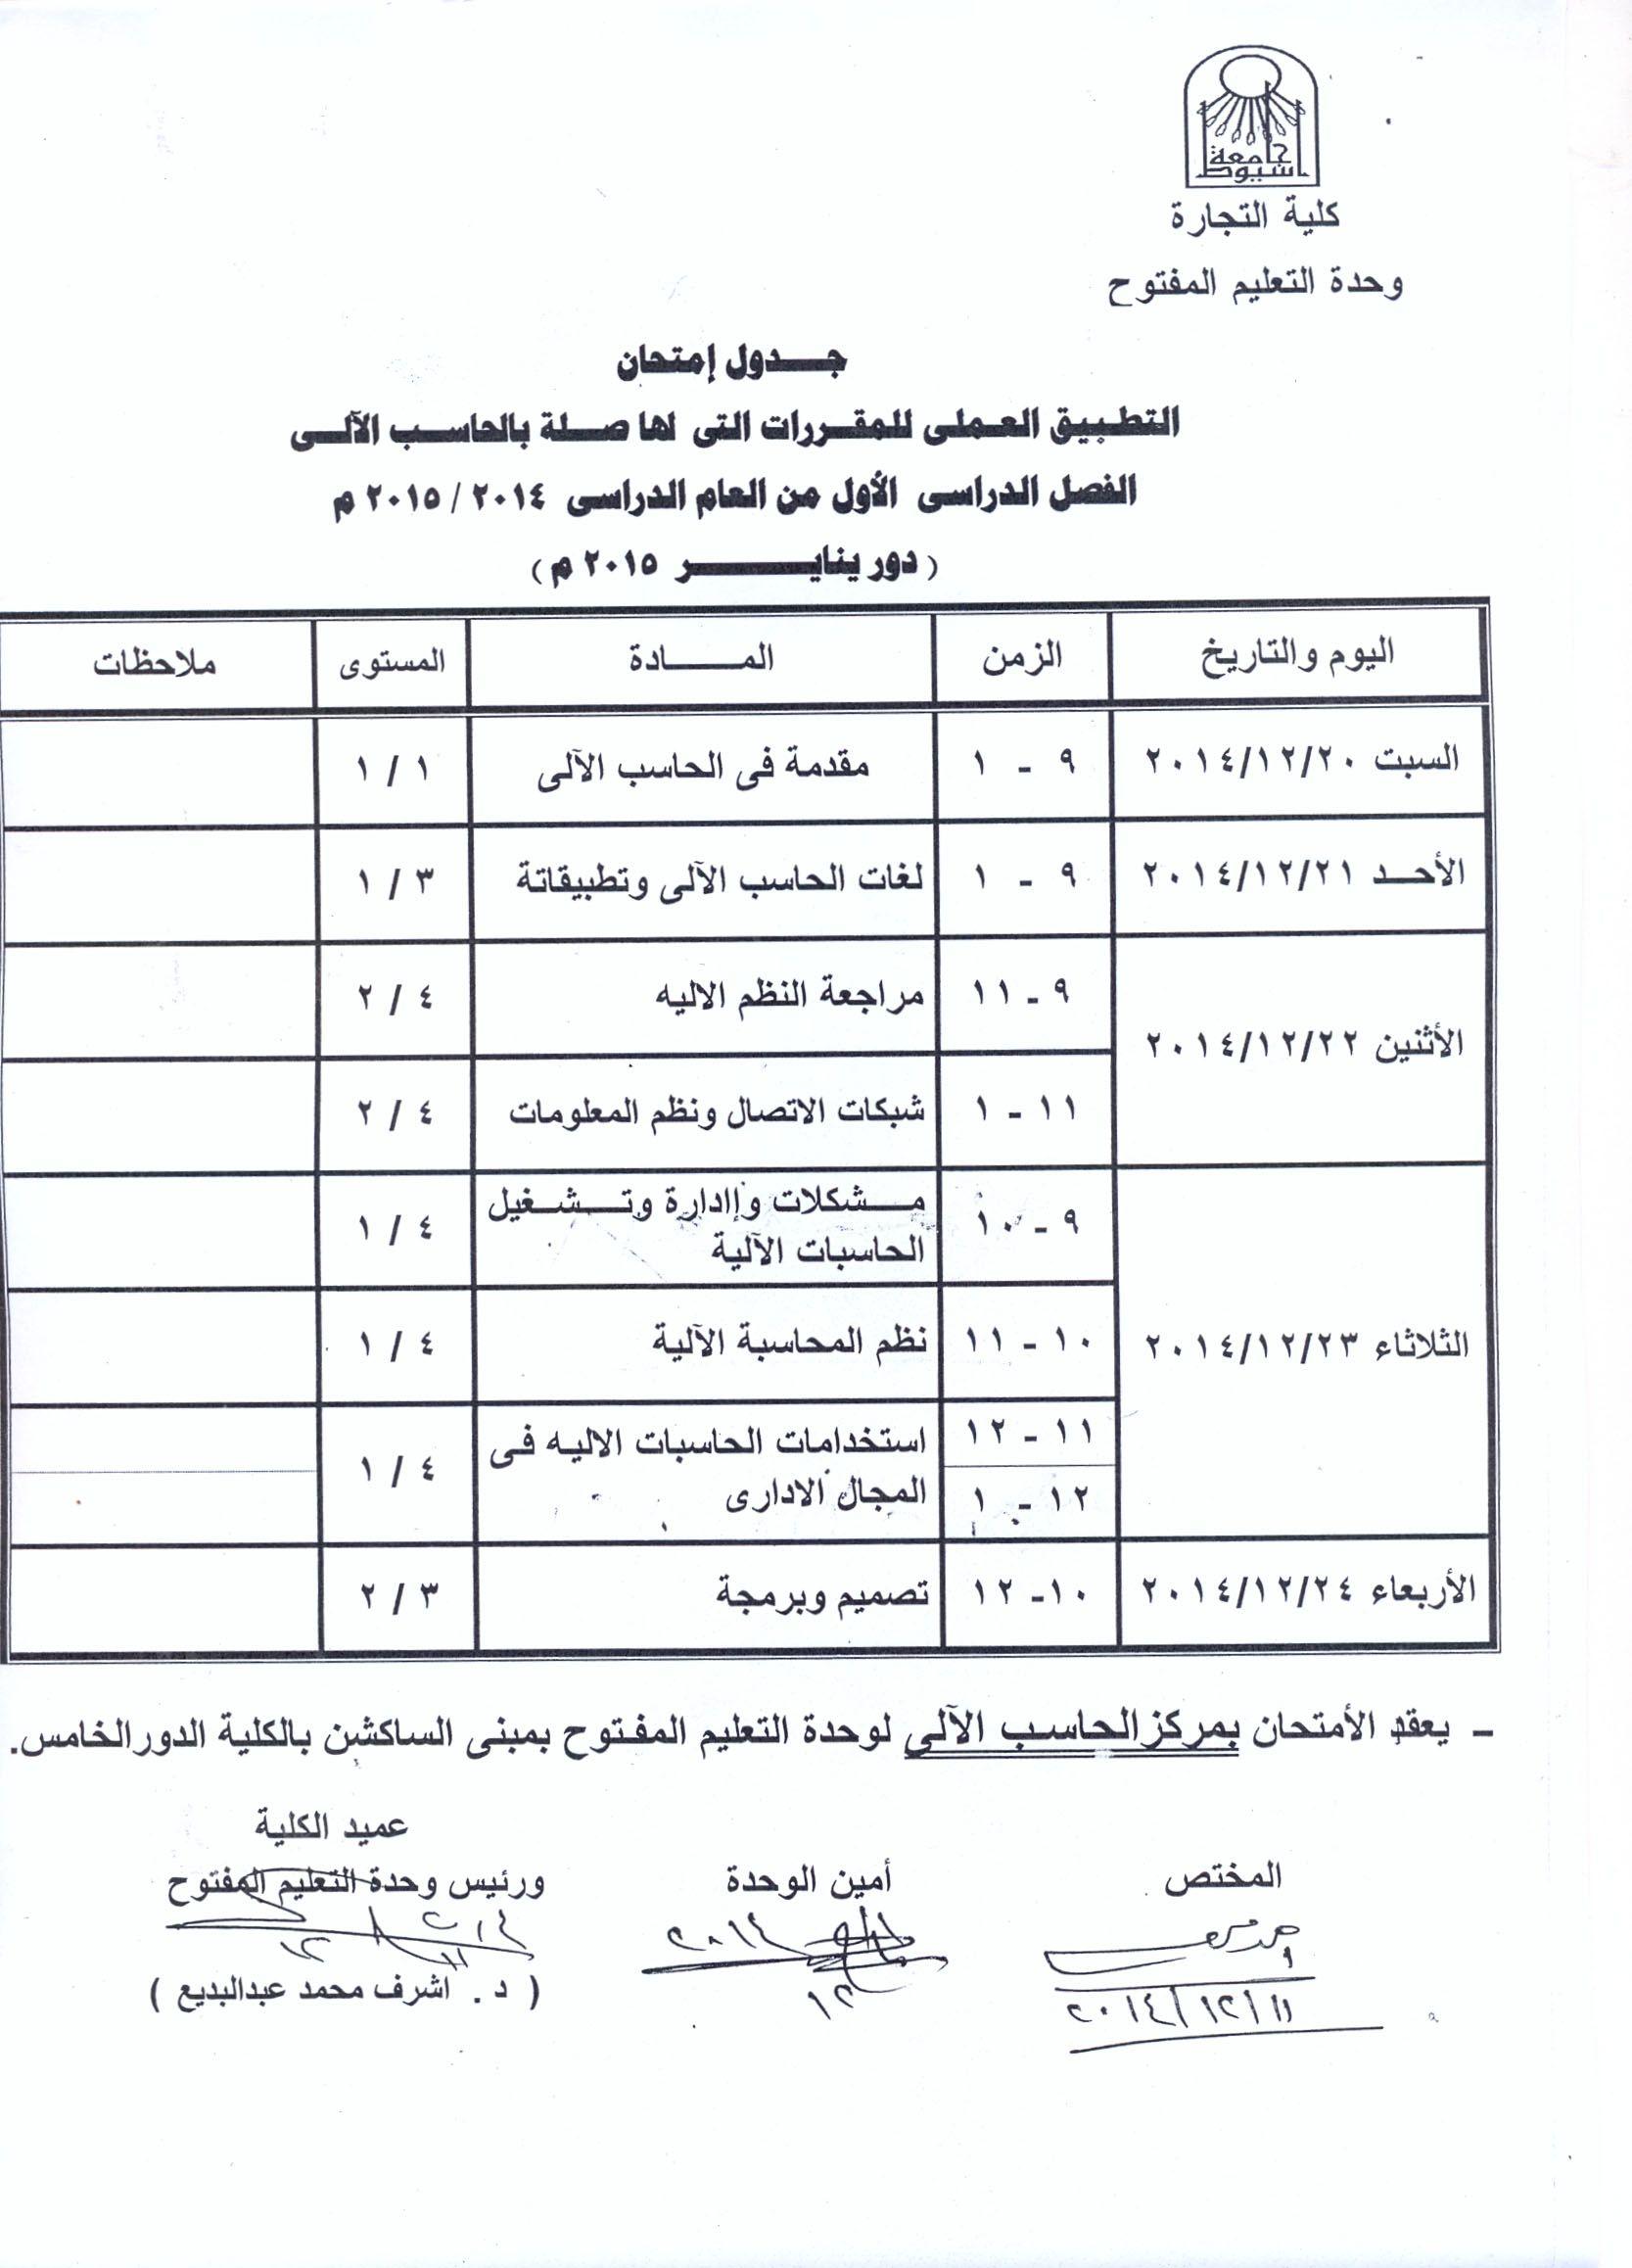 جامعة اسيوط كلية التجارة الاخبار تفاصيل الاخبار Faculties University Subjects